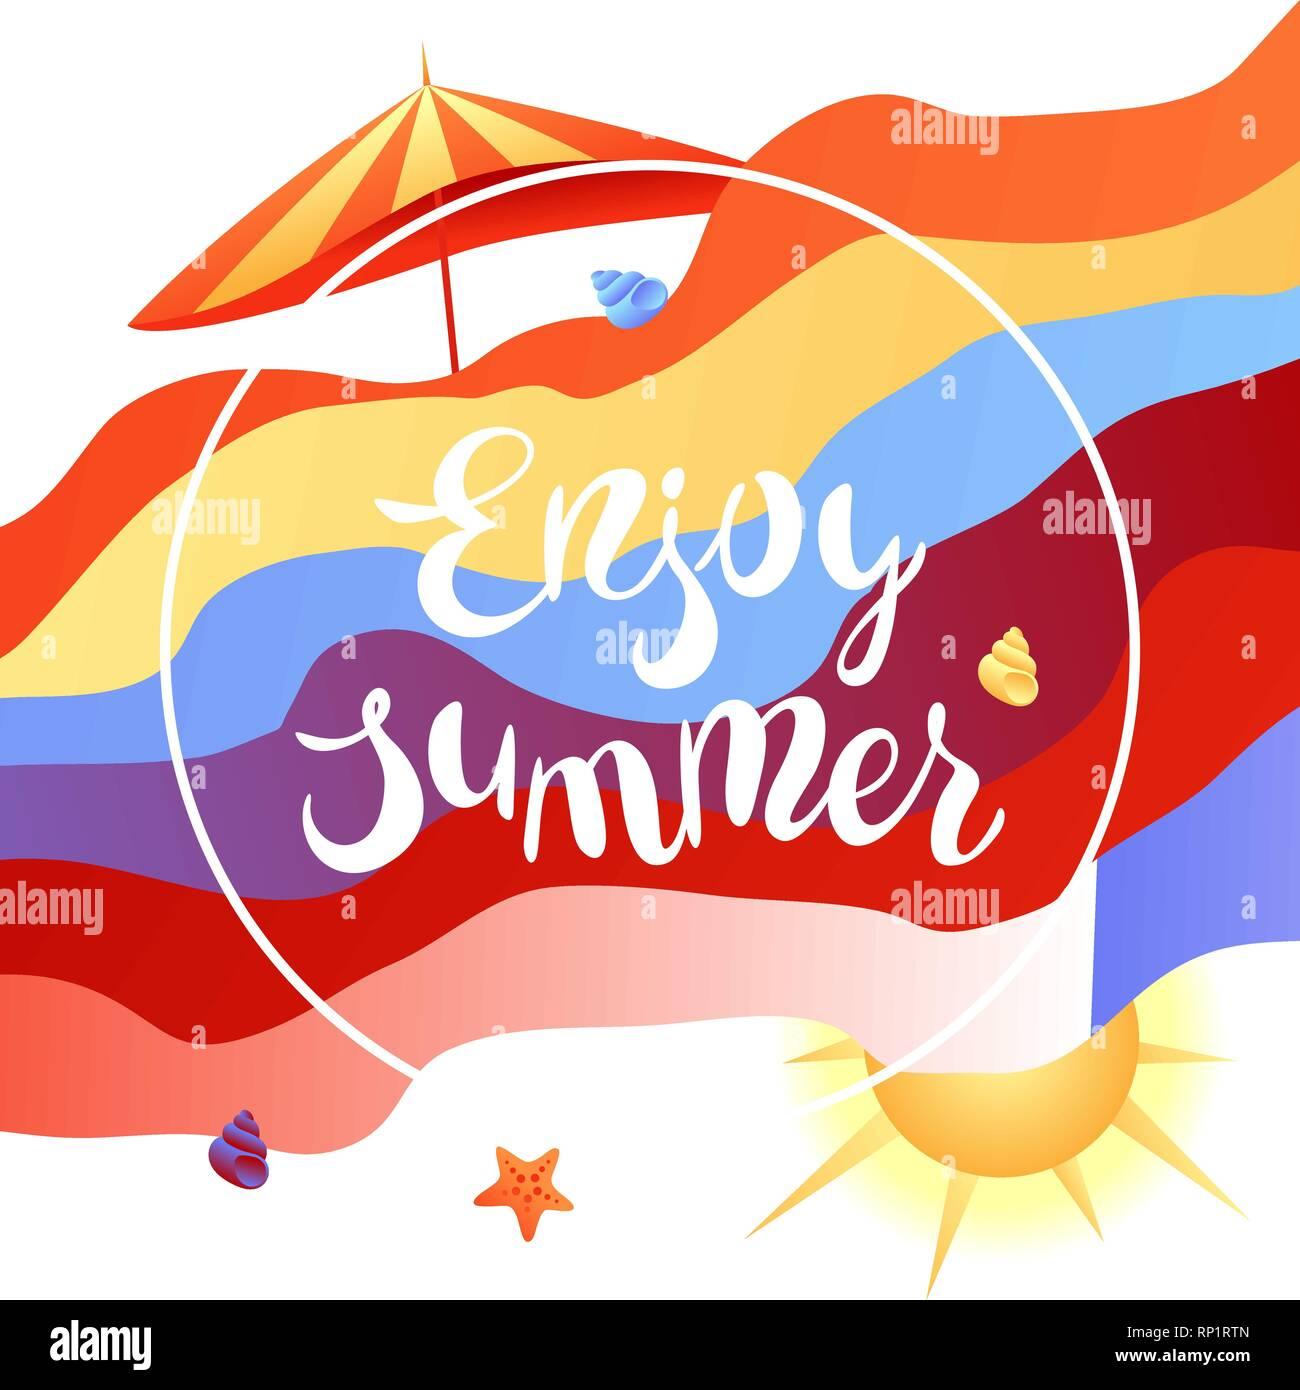 Enjoy summer illustration. - Stock Vector